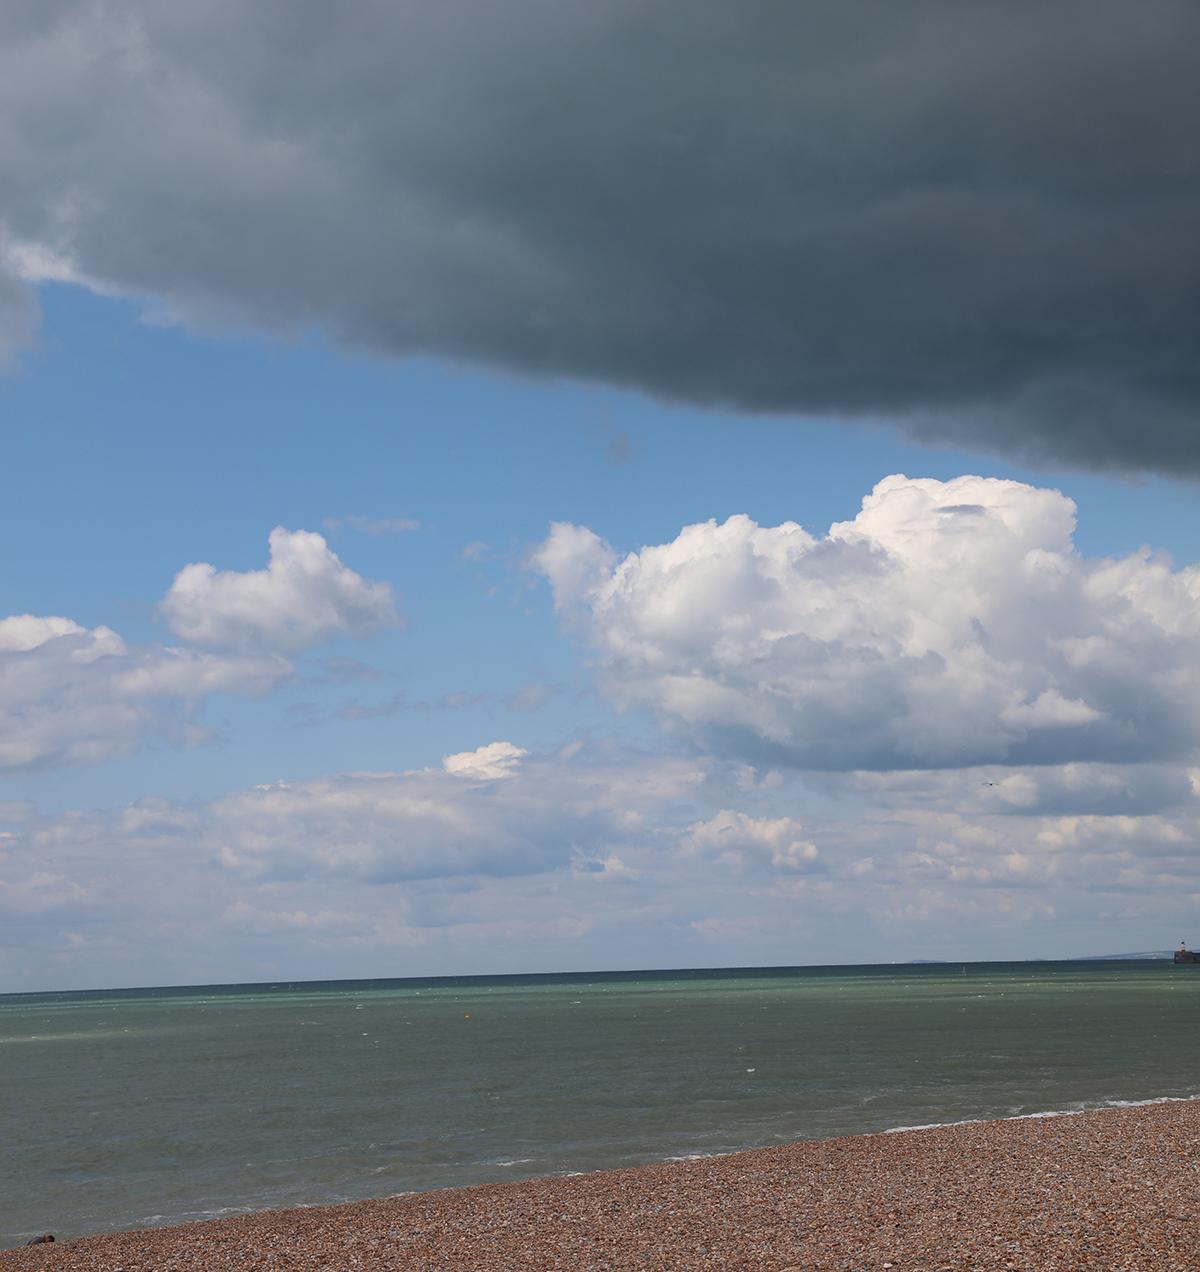 Dark clouds can pressure the creative landscape of the mind